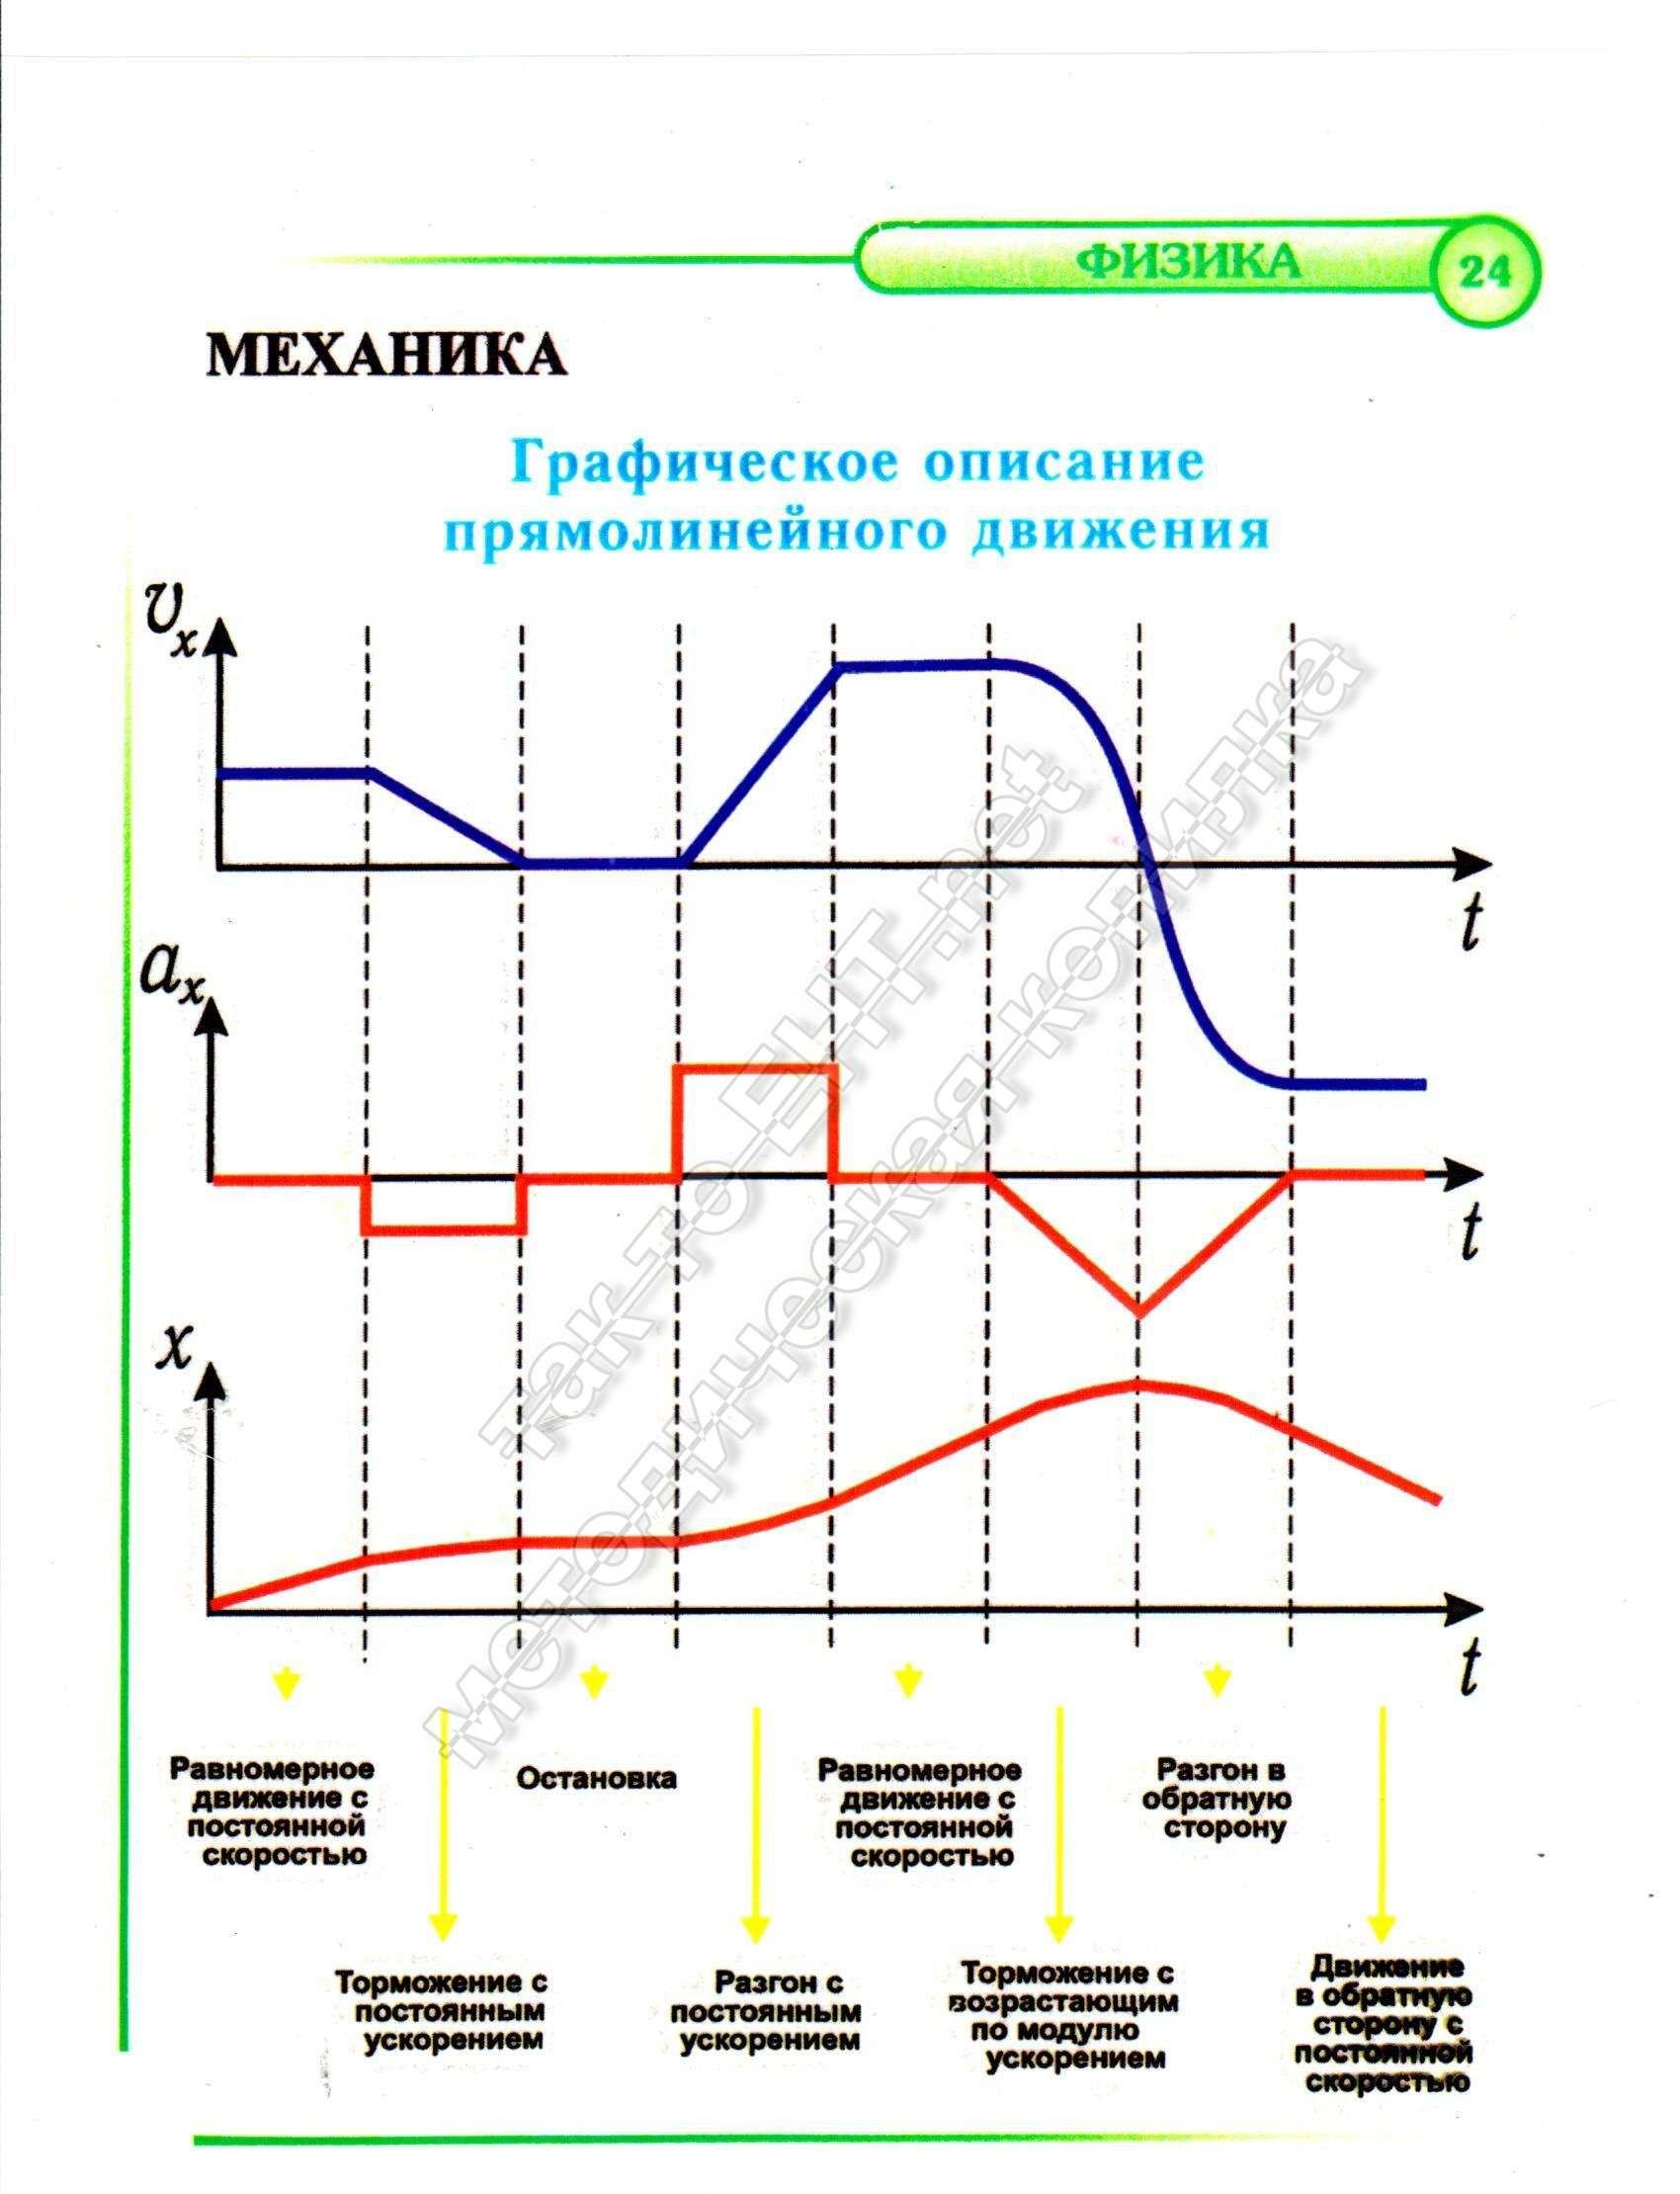 24 Графическое описание прямолинейного движения (механика)